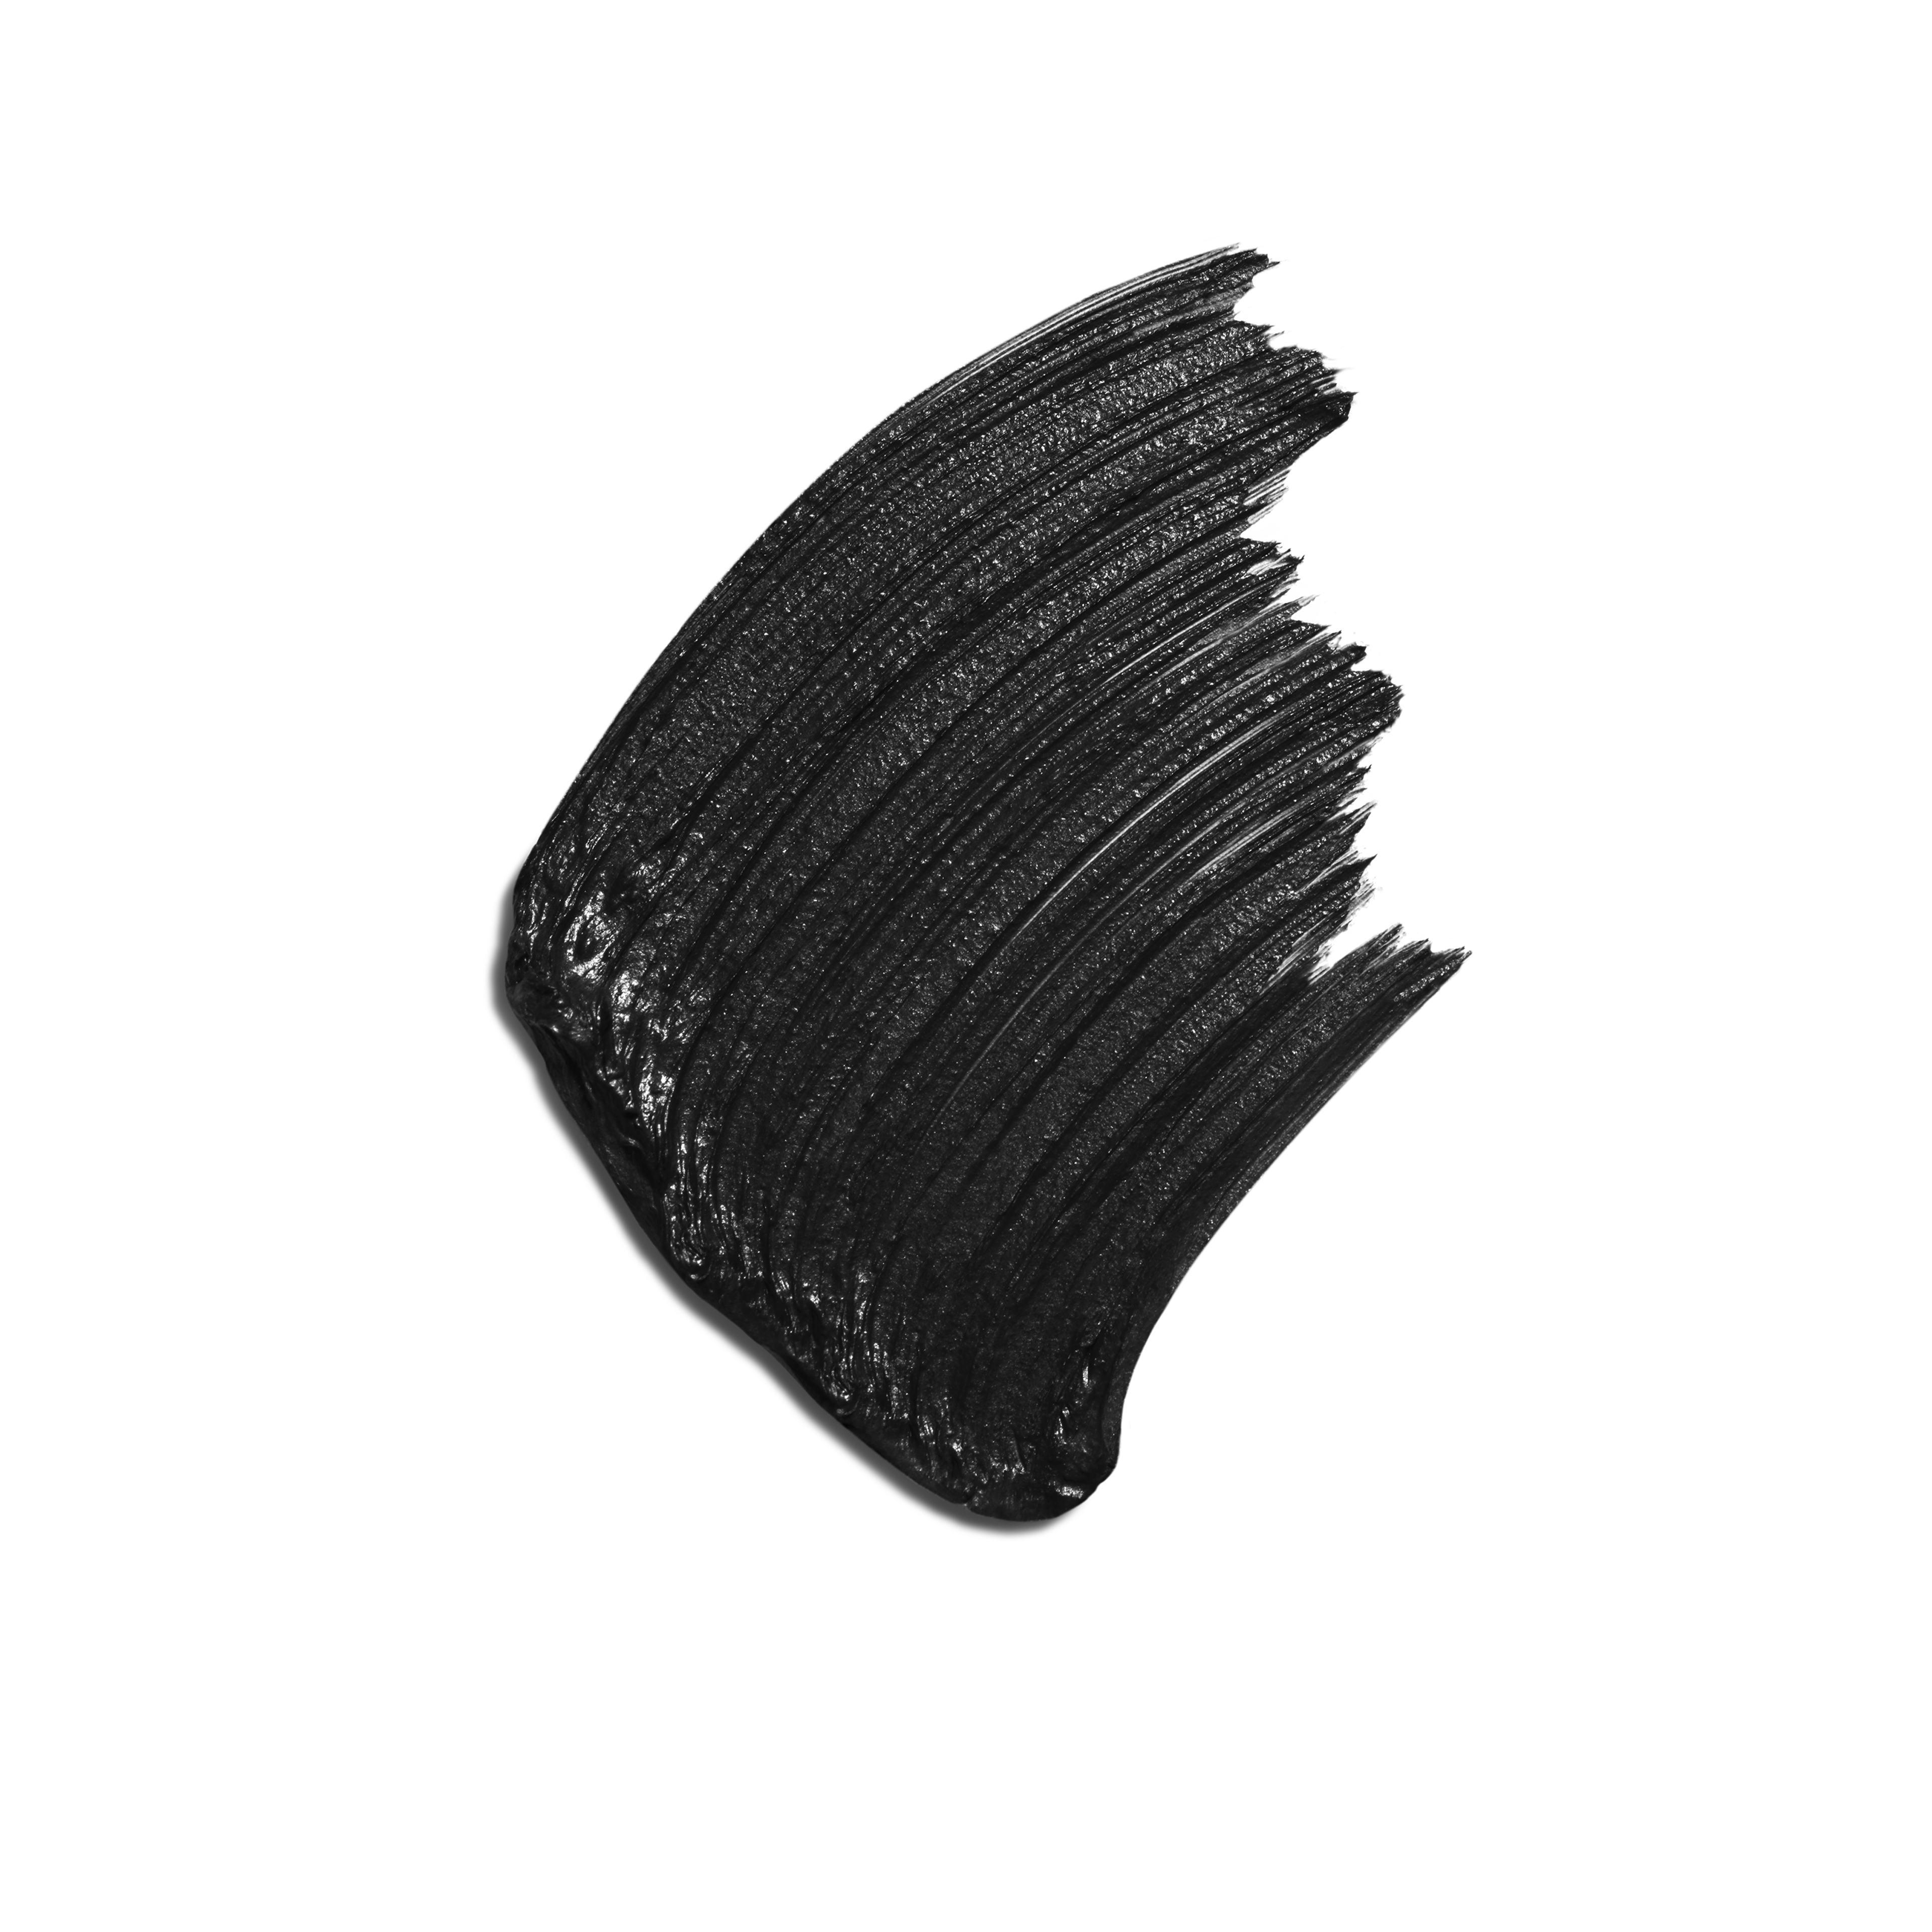 LE VOLUME DE CHANEL - makeup - 6g - 基本質地視圖